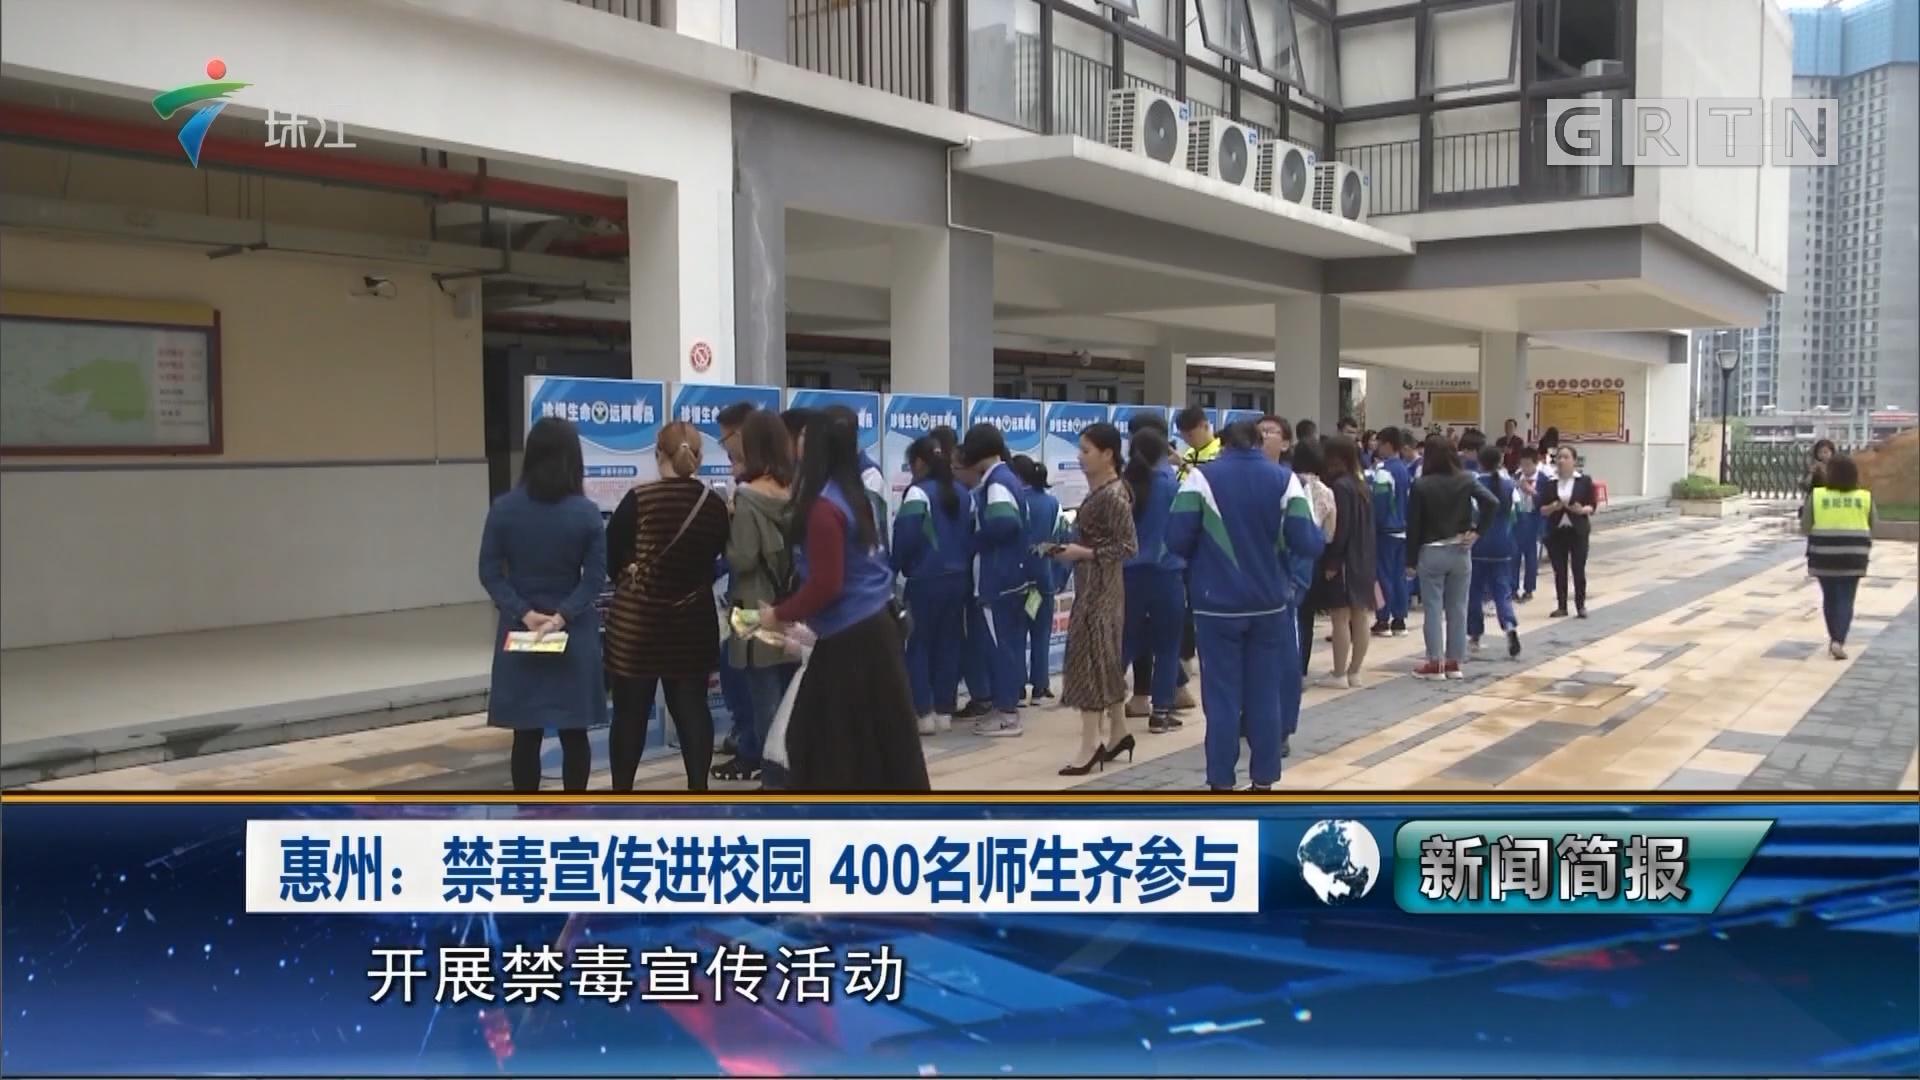 惠州:禁毒宣传进校园 400名师生齐参与